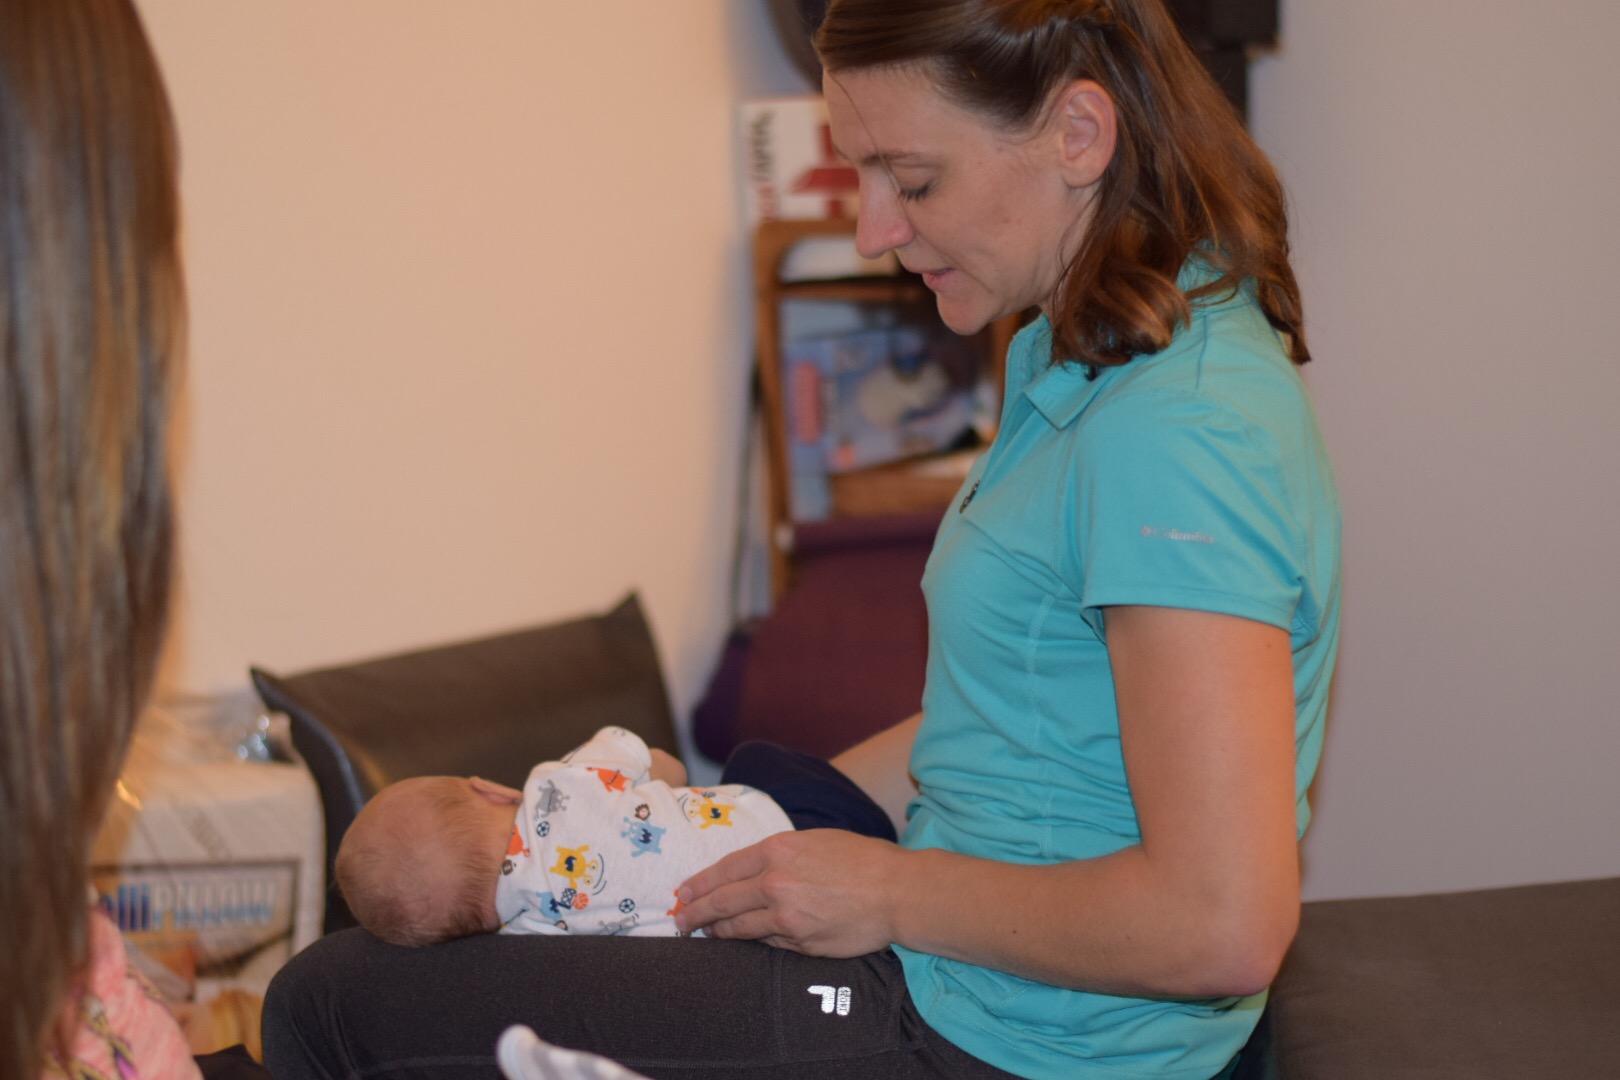 Adjusting an Infant